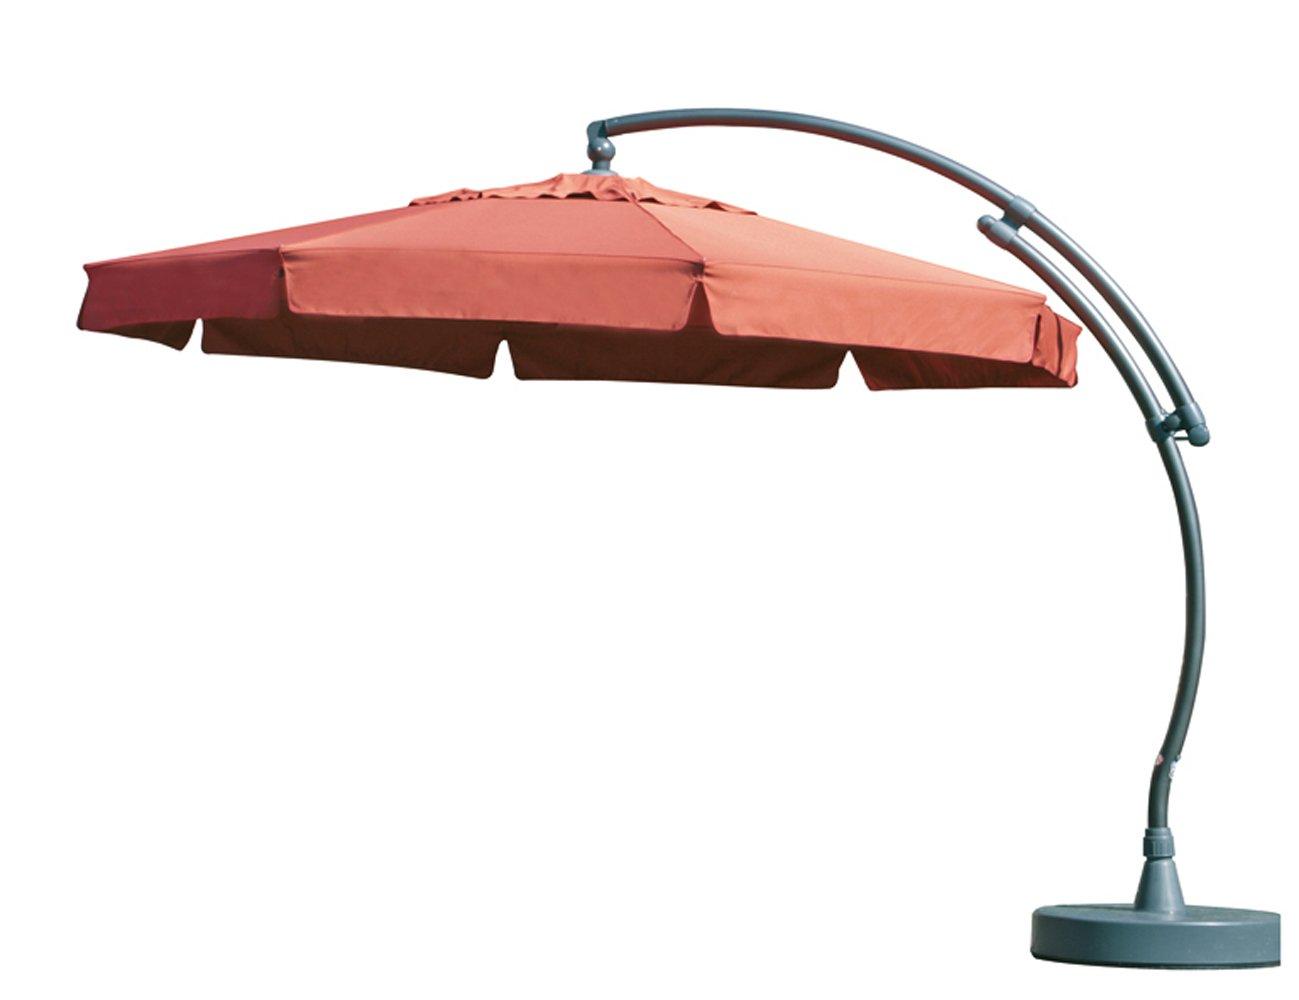 Sun Garden 10116068 Premium Easy-Sun 3.5 m inklusive Hülle und Lampe Gestell, anthrazit / terracotta jetzt kaufen